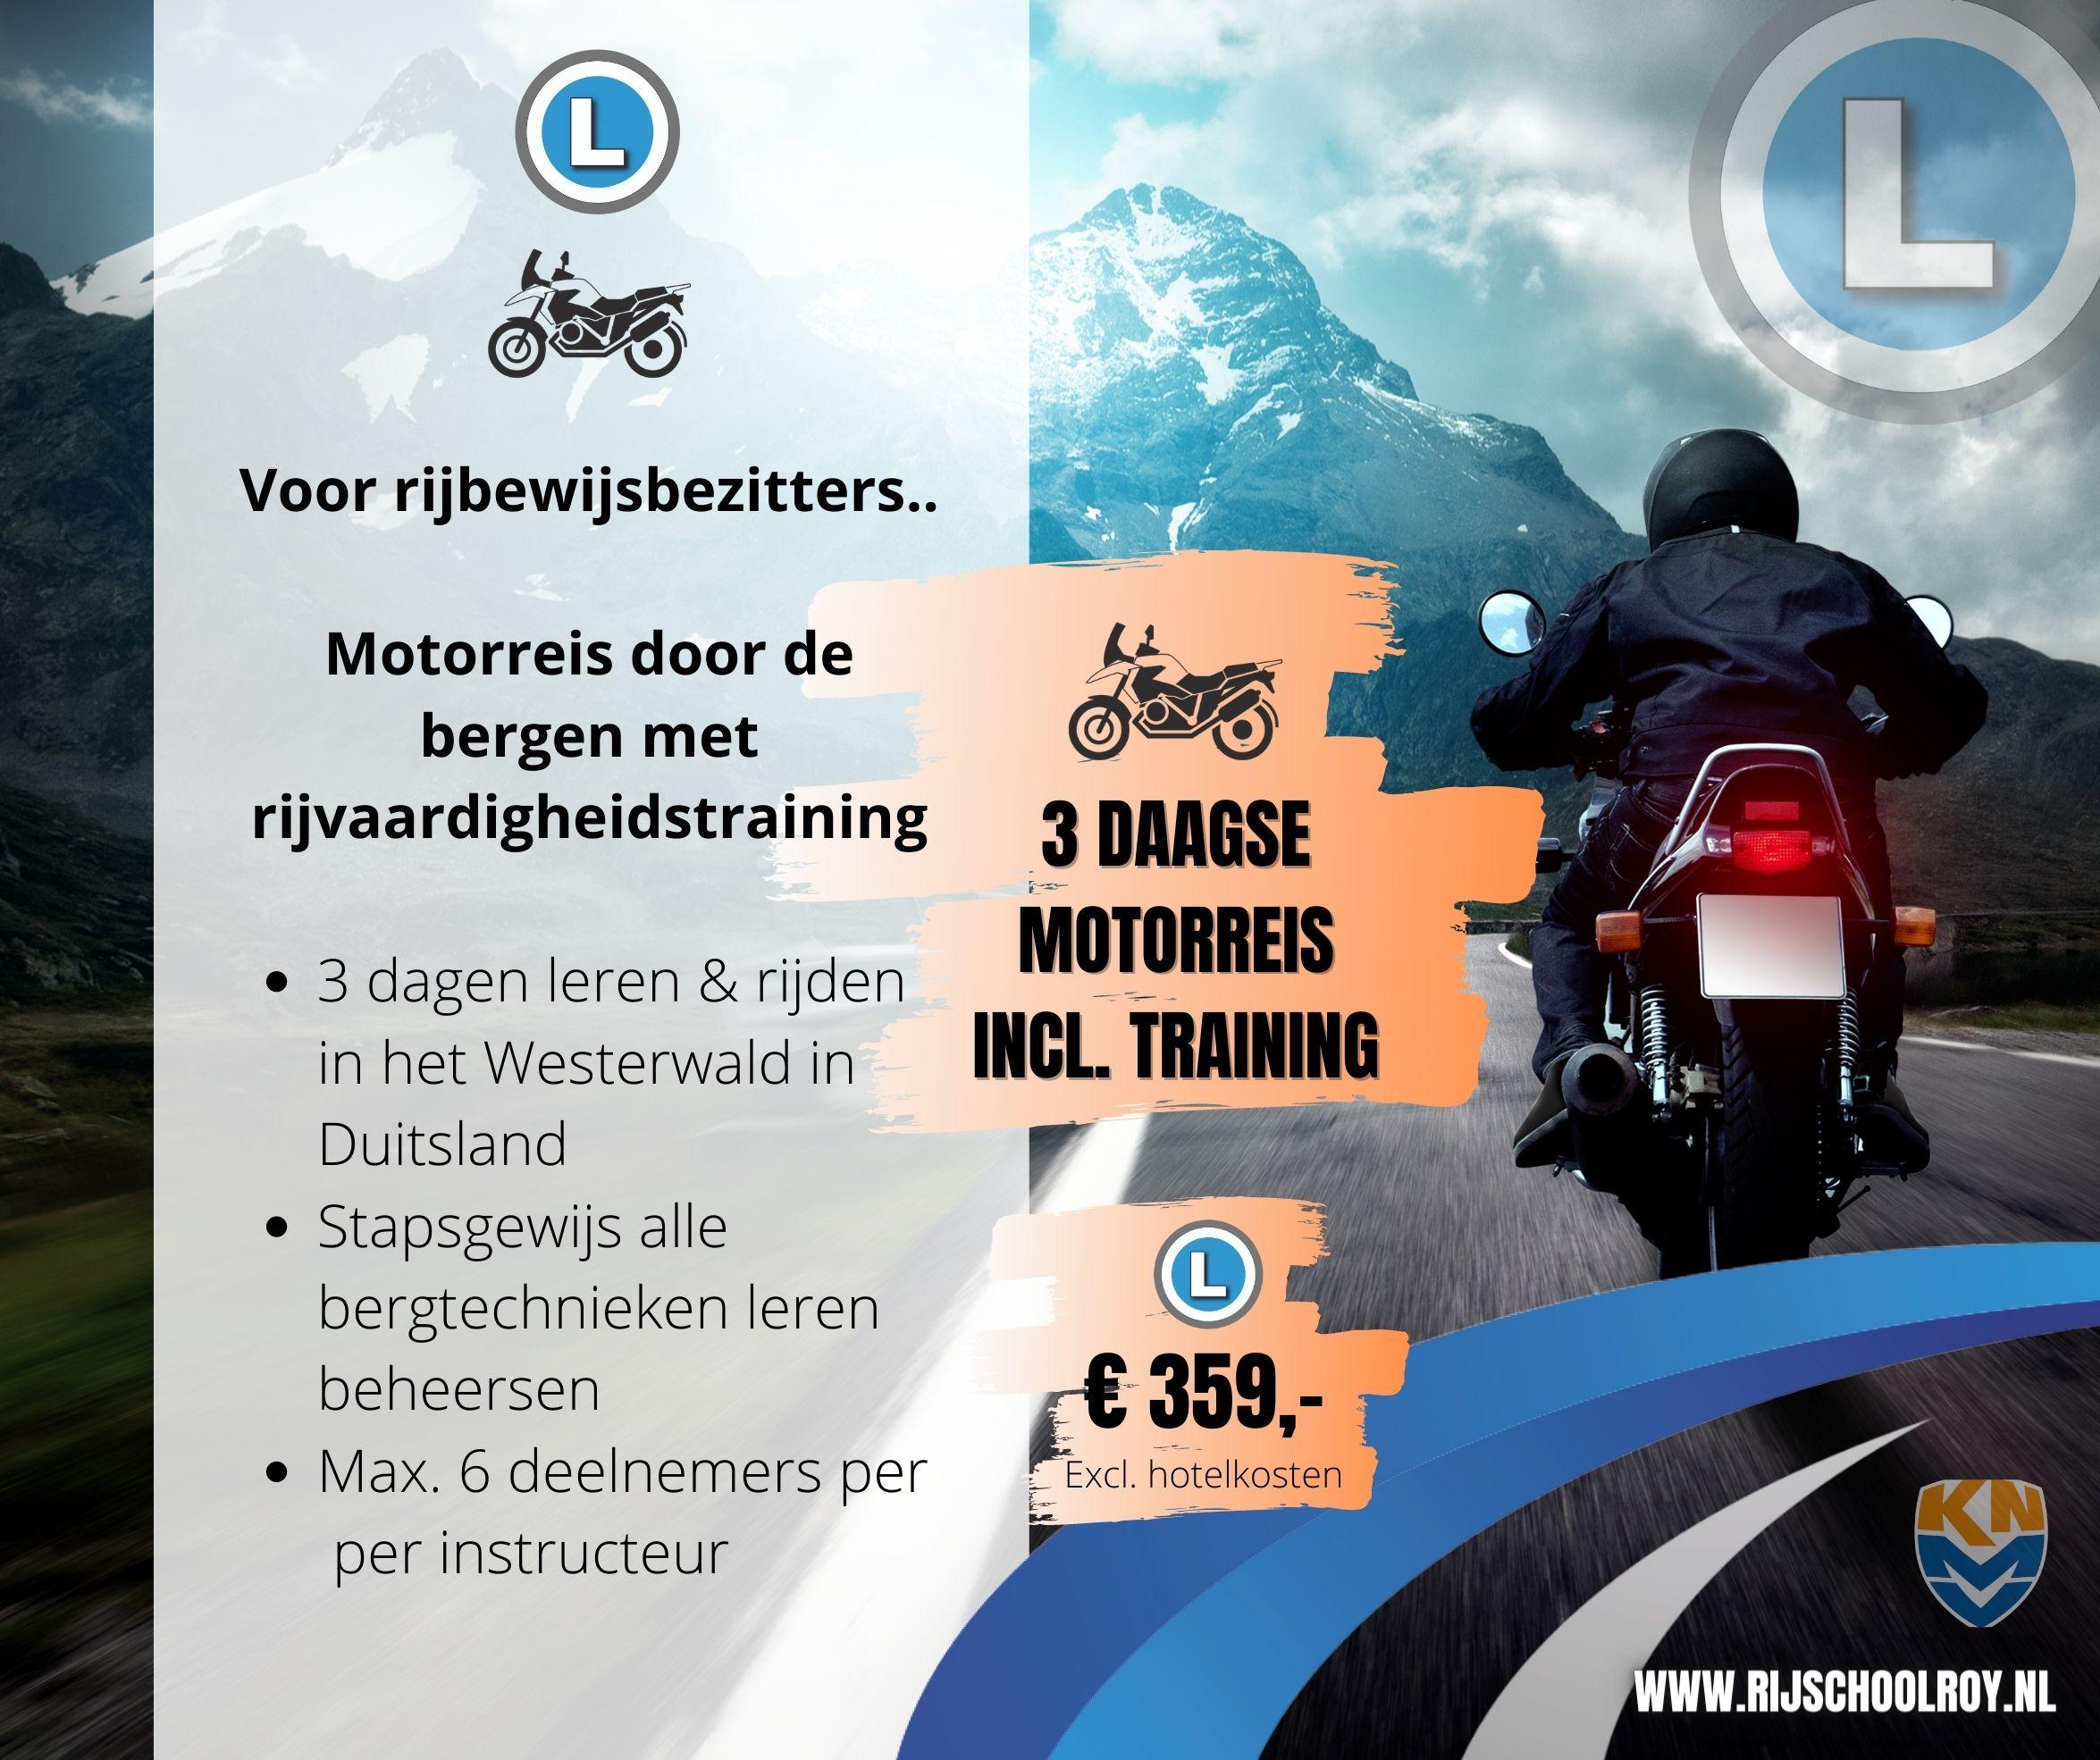 MOTORREIS INCL TRAINING